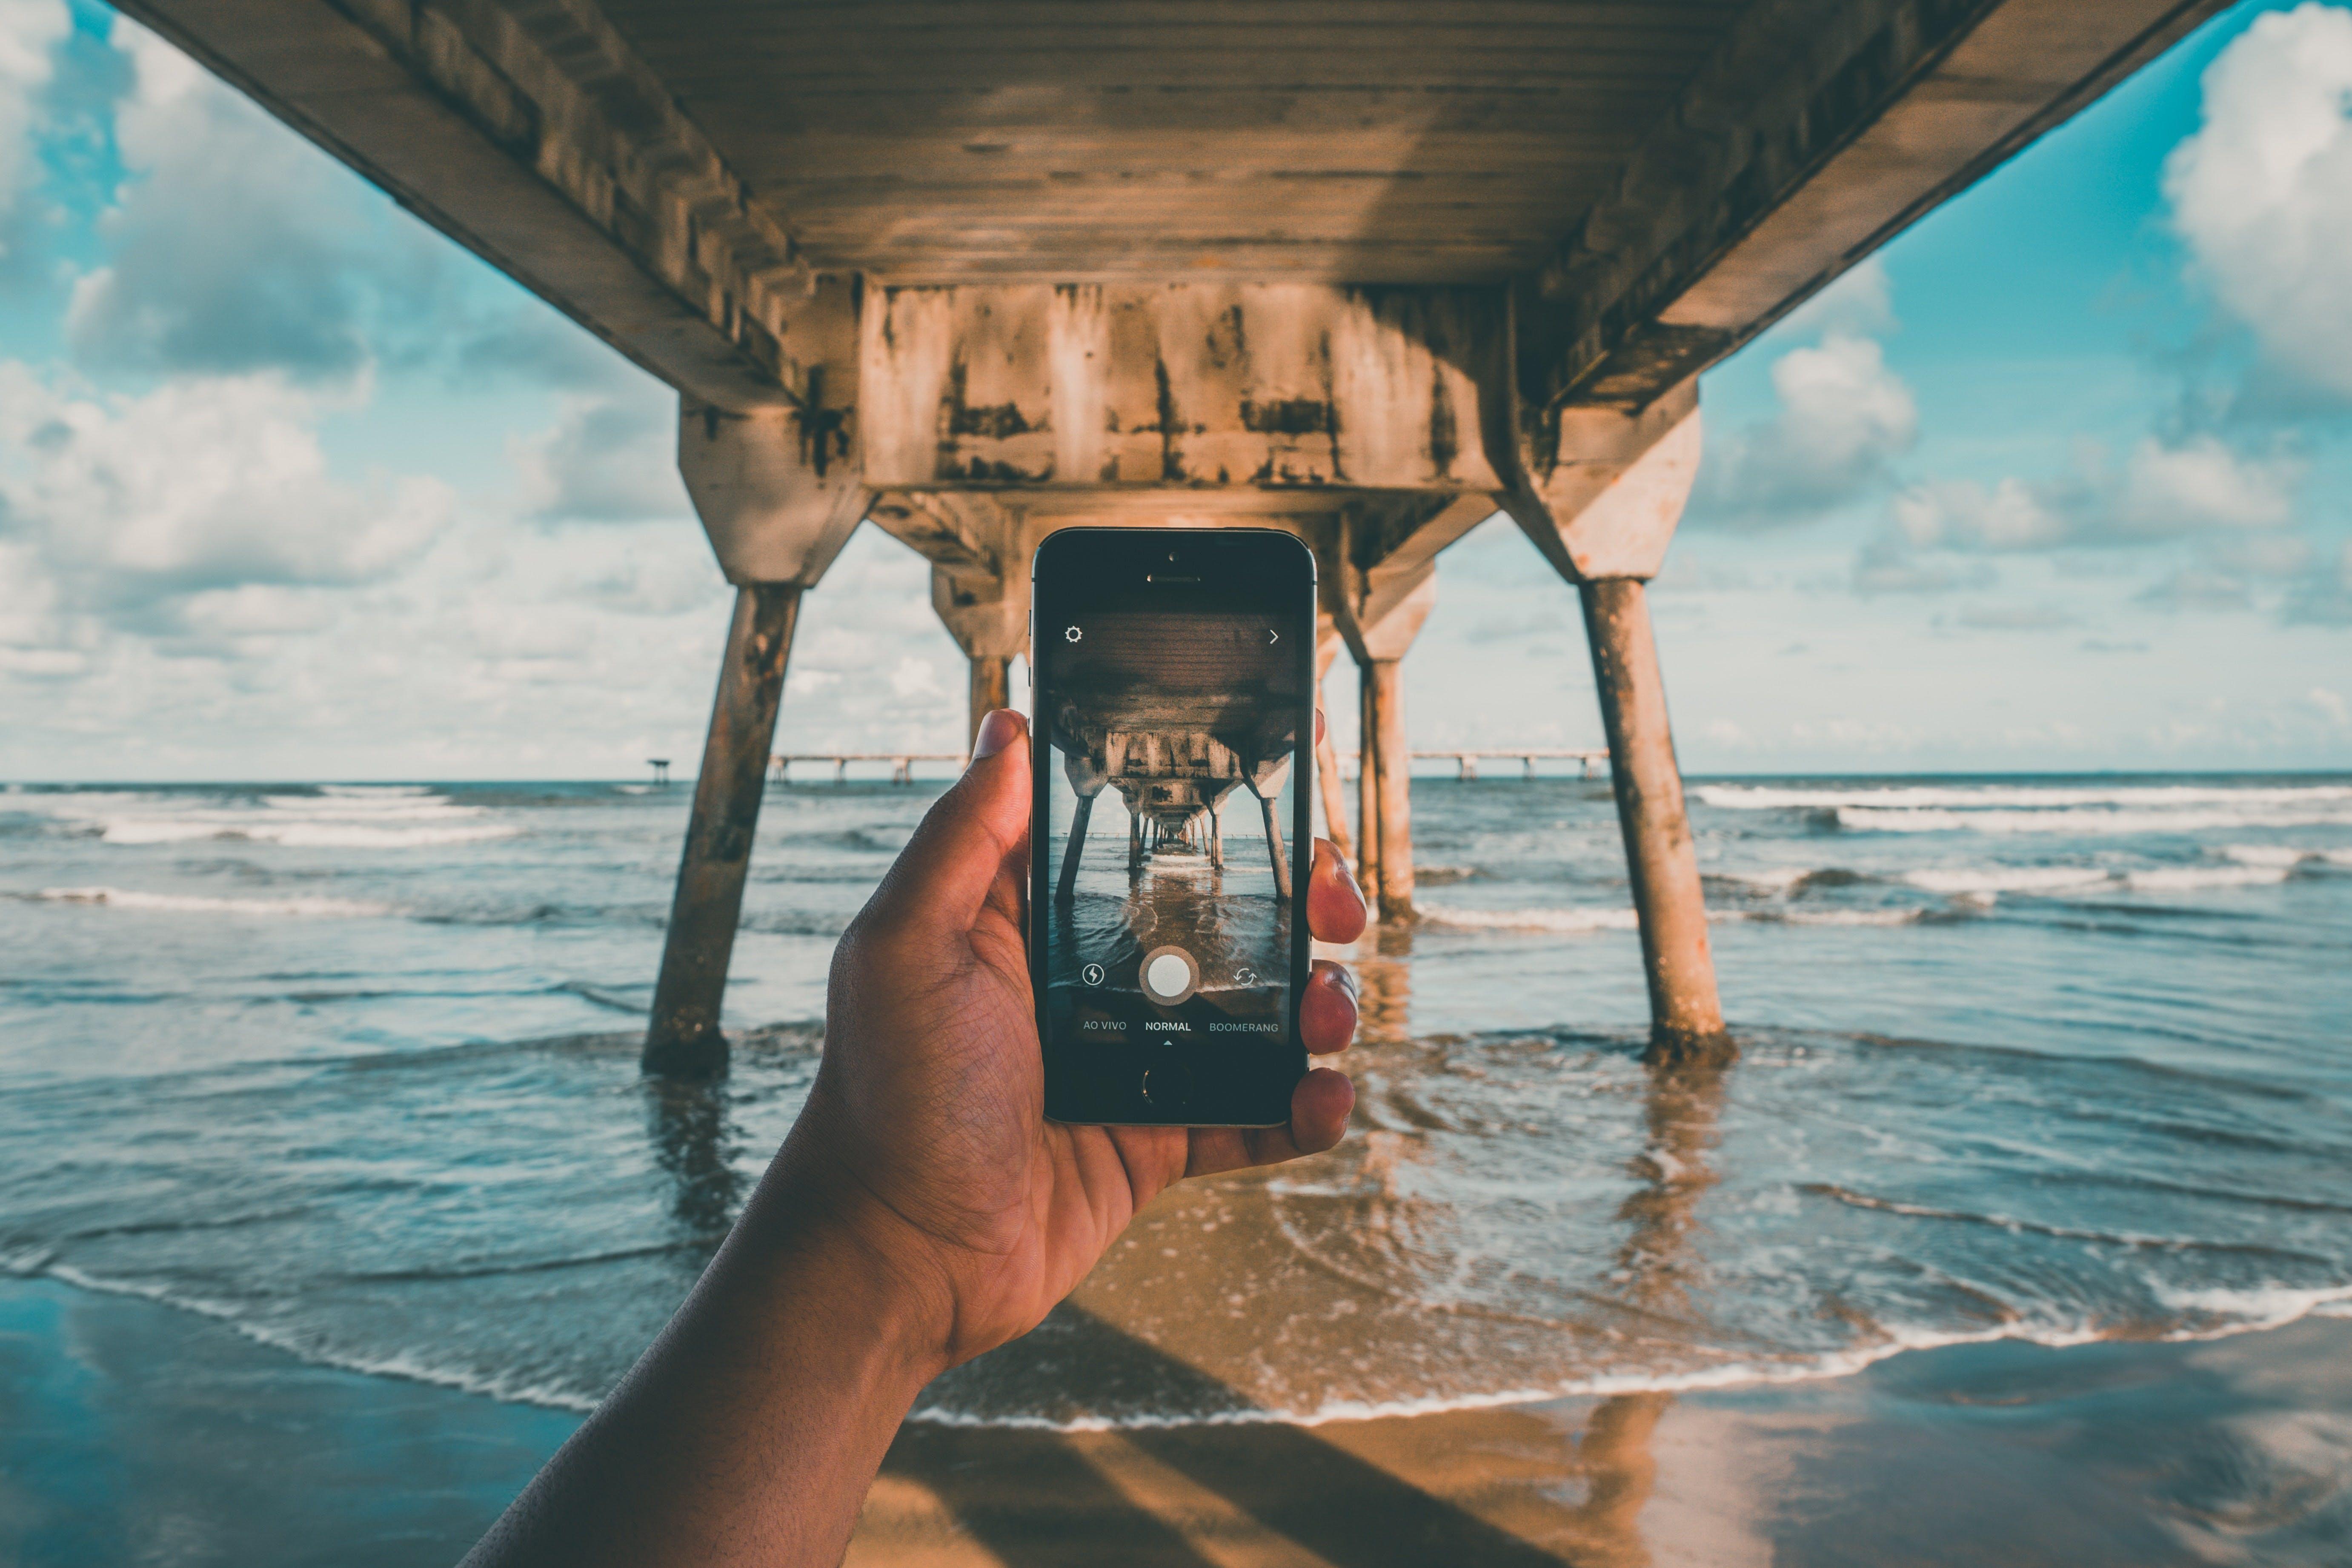 En person som håller i en mobil som har kameran öppen som tar ett foto under en brygga på en strand